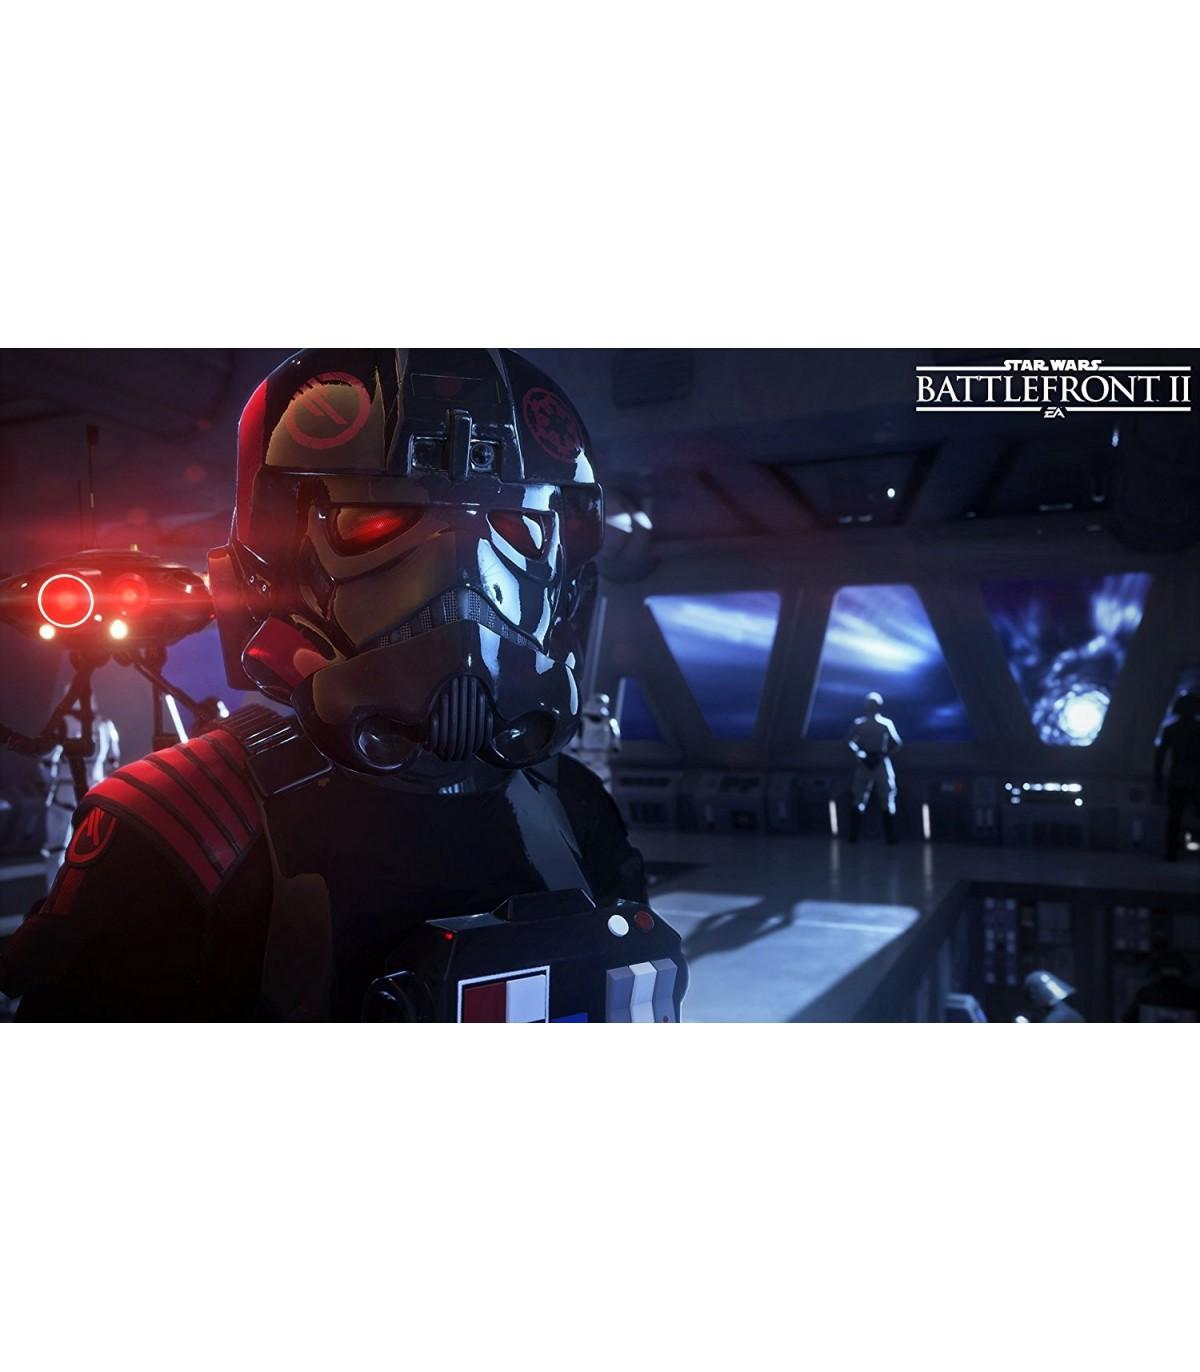 بازی Star Wars Battlefront II کارکرده- پلی استیشن 4